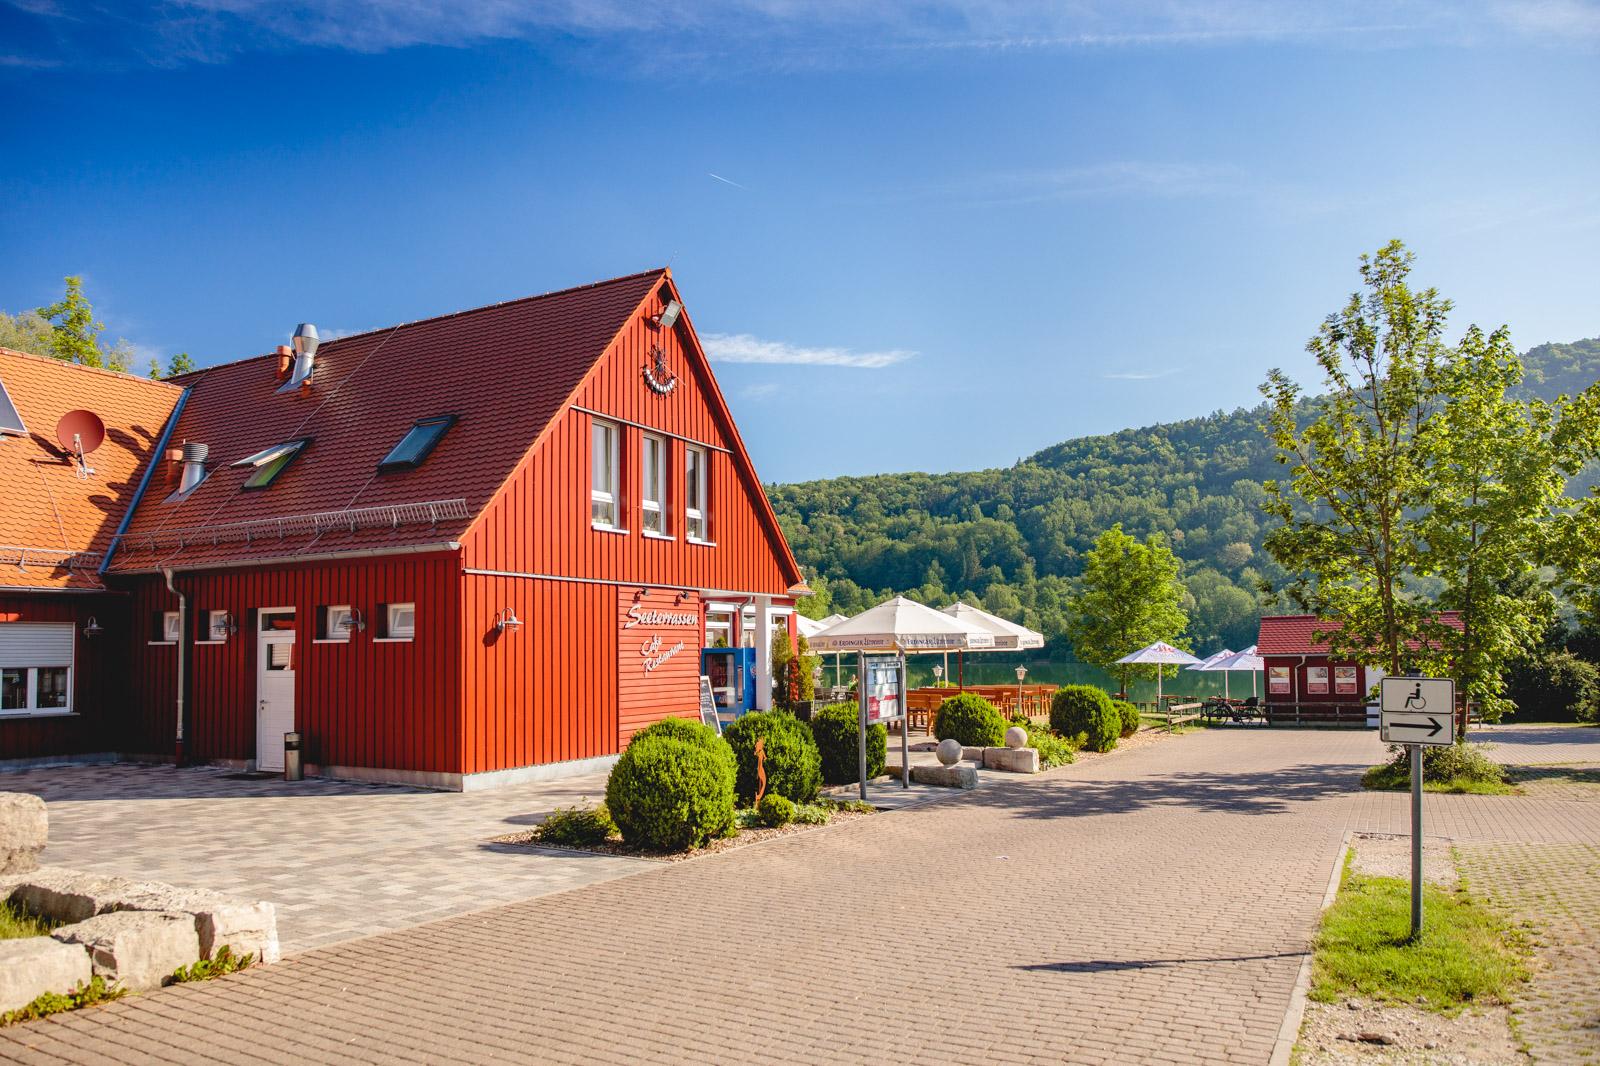 Cafe Seeterrassen